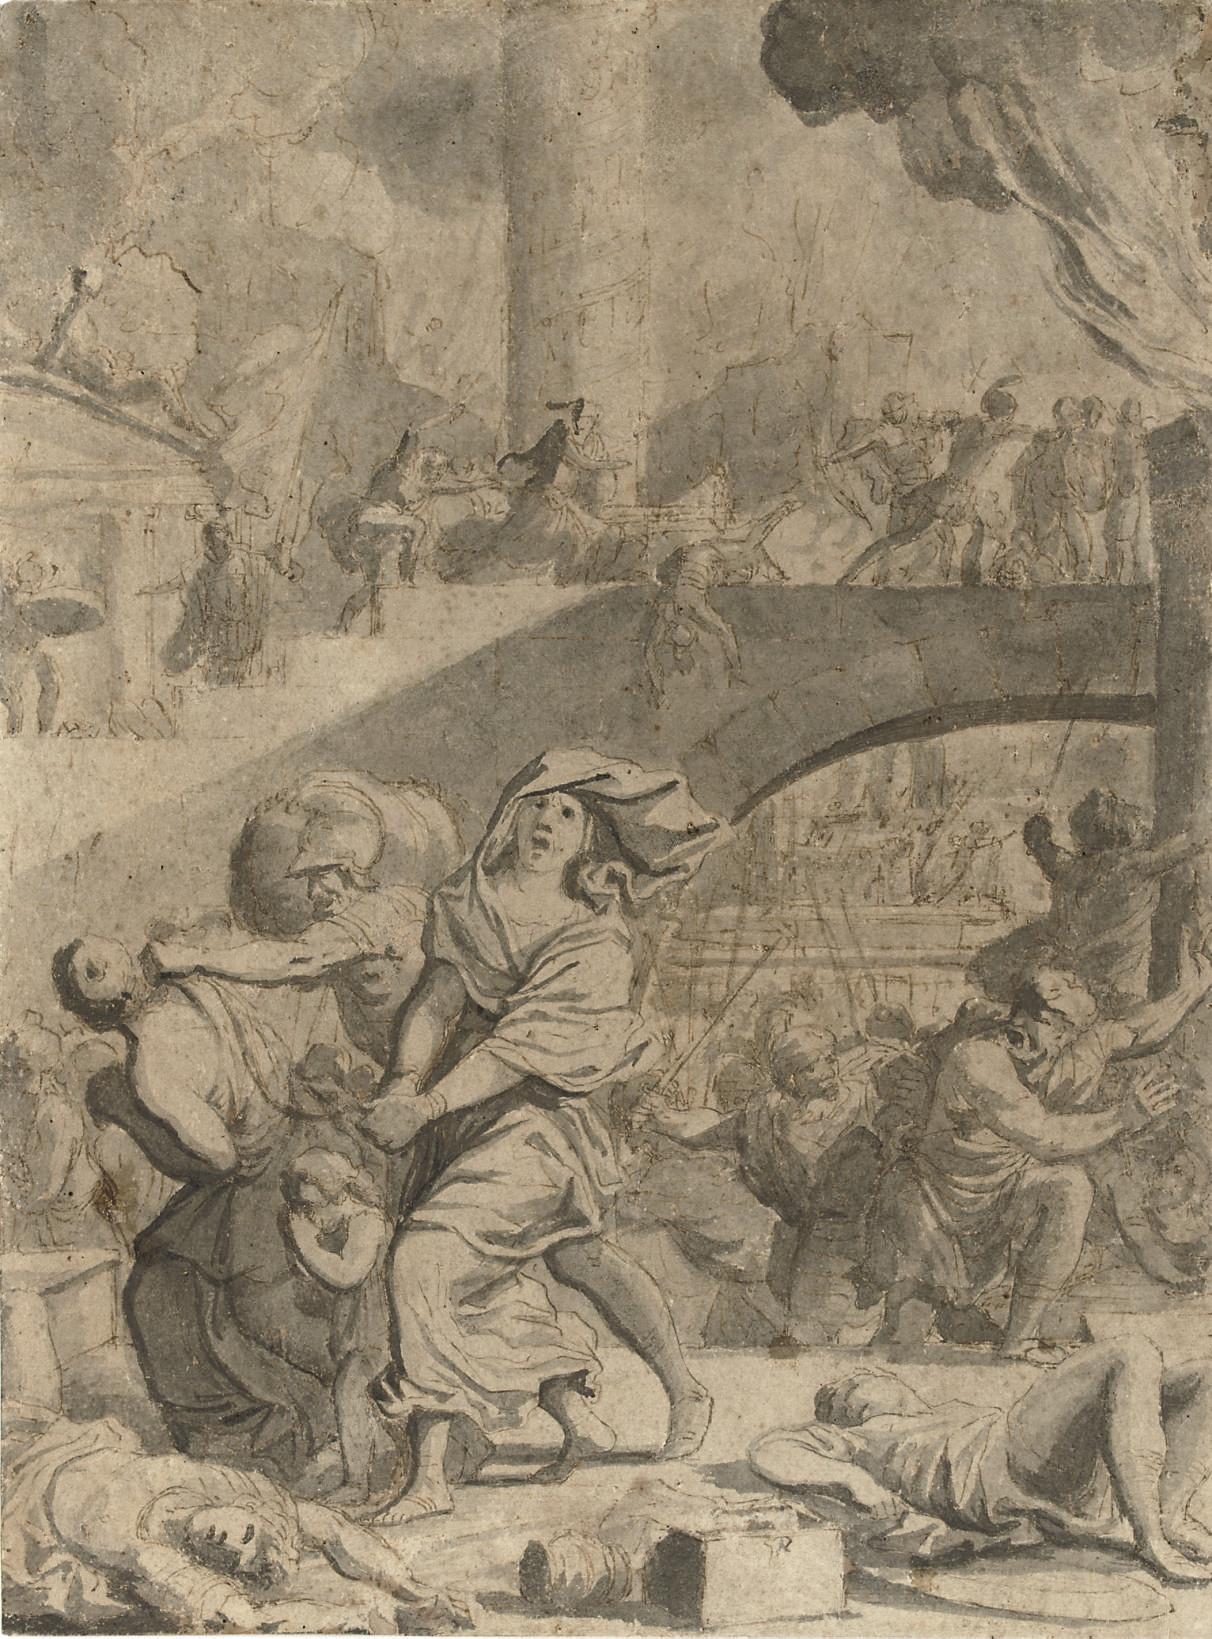 François Chauveau (Paris 1616-